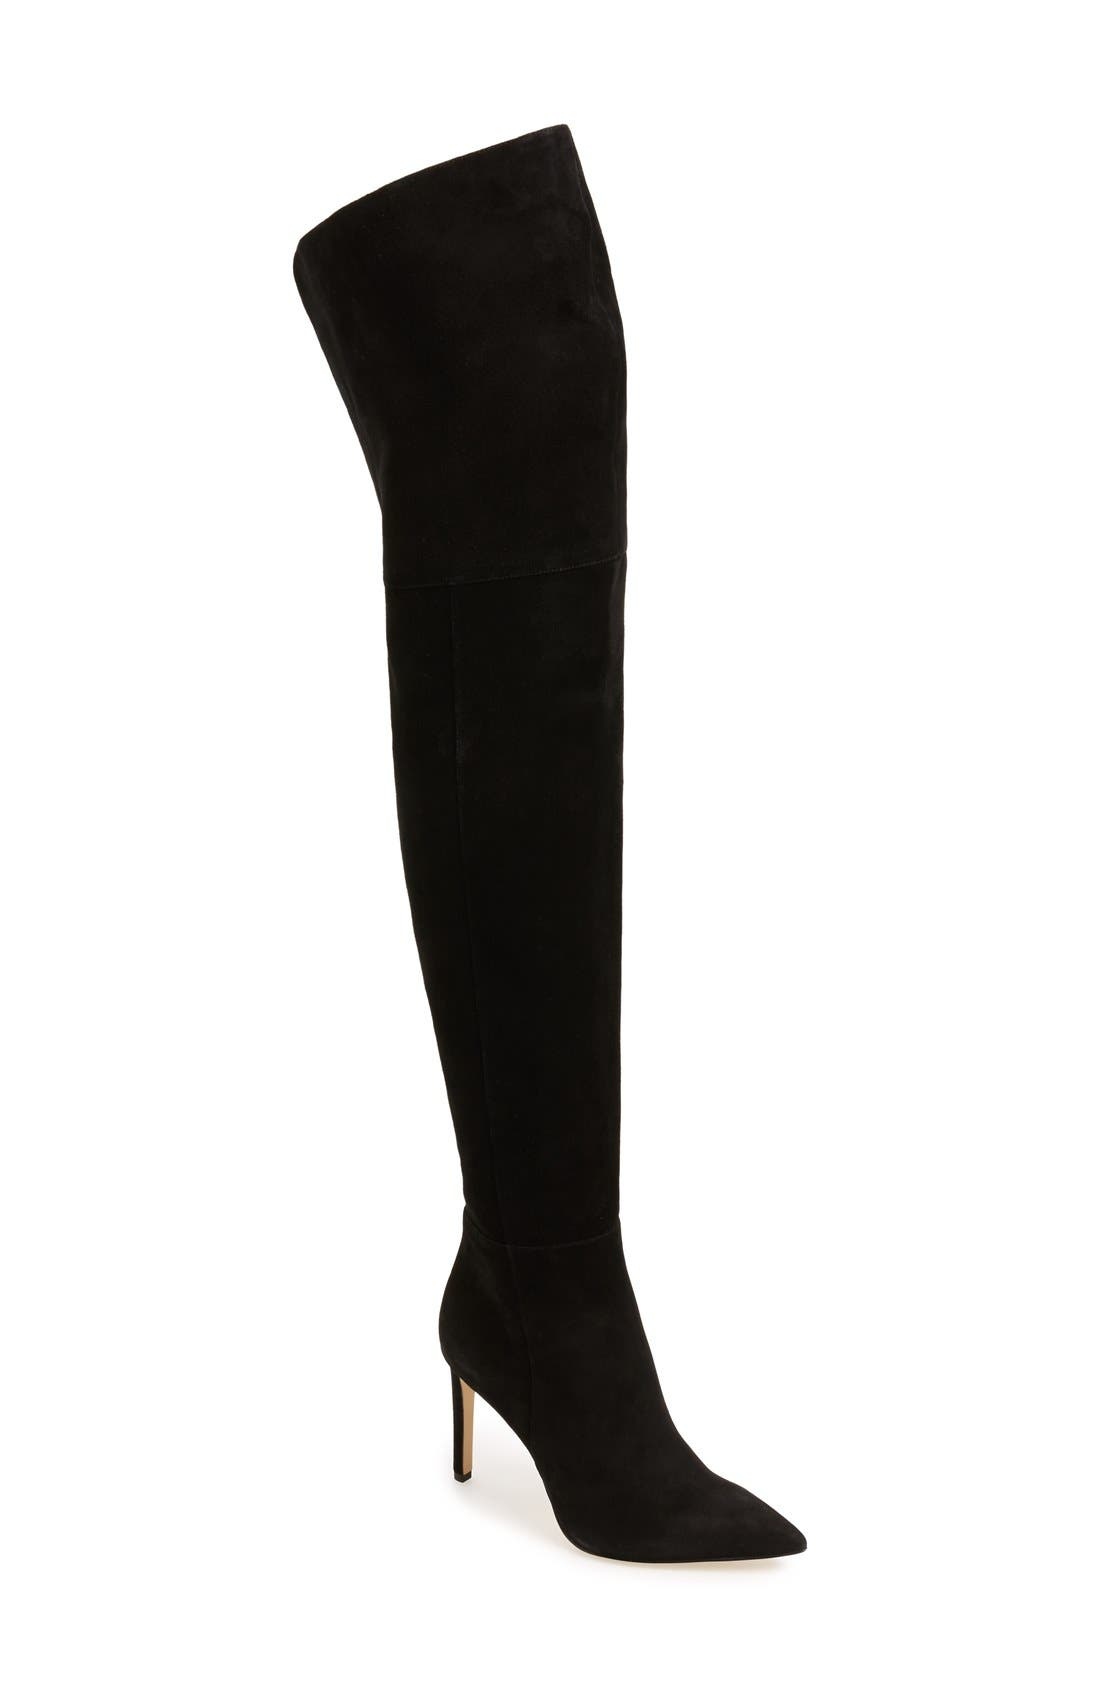 Main Image - Sam Edelman Bernadette Over the Knee Boot (Women)